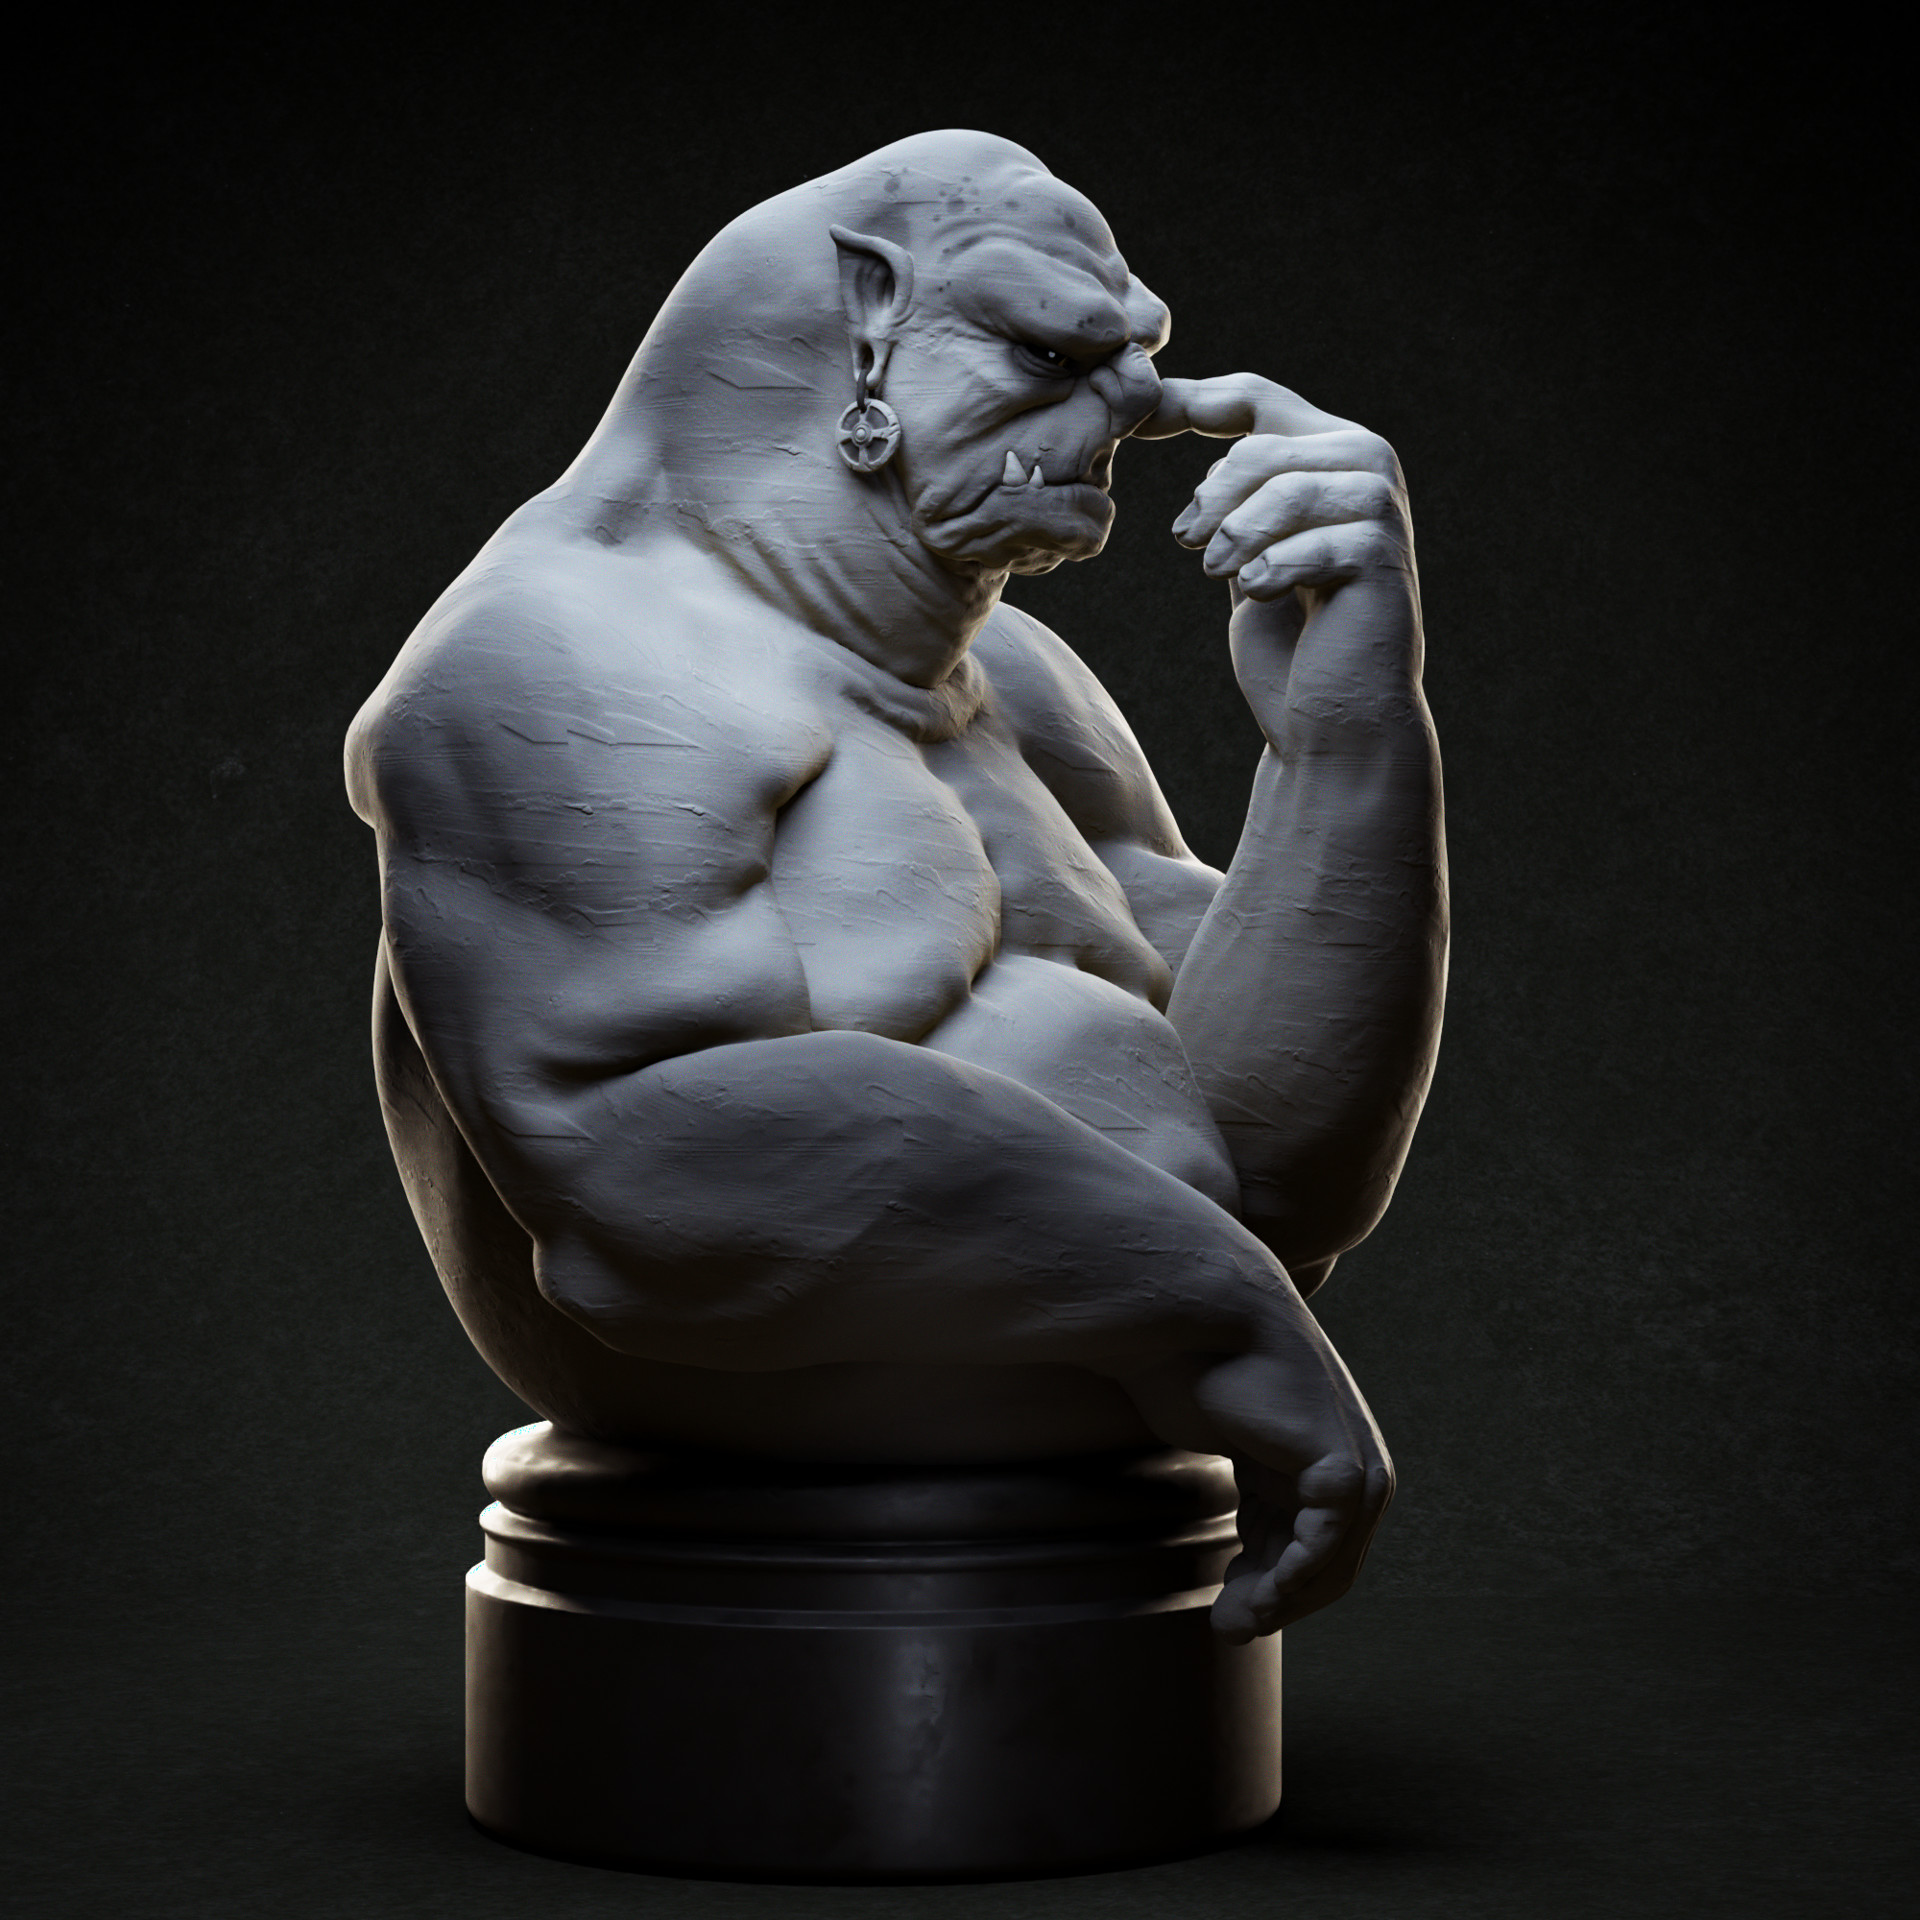 Day 10: Disgust (based on an artwork by Johan Egerkrans: https://www.artstation.com/artwork/Y4A1Y)